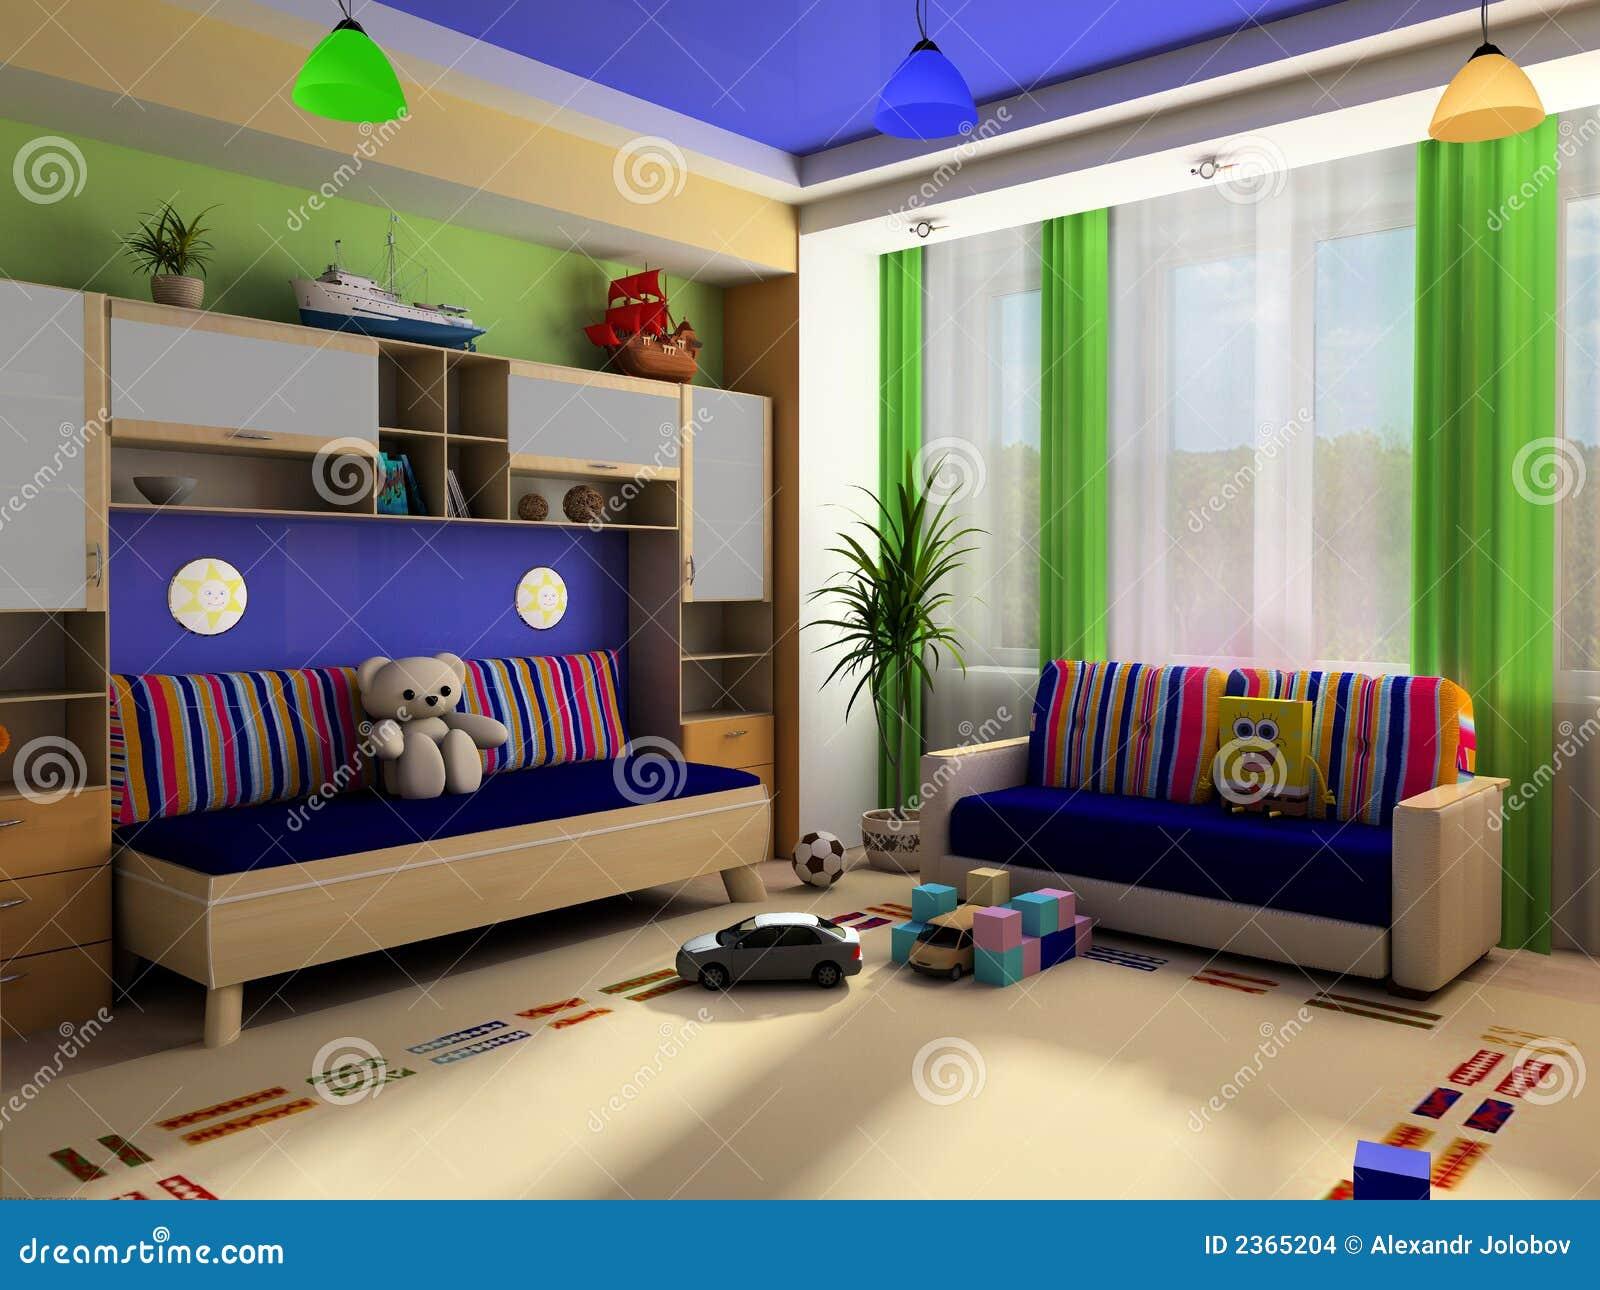 Interior de un cuarto de ni os imagenes de archivo for Cuarto xl mostaza